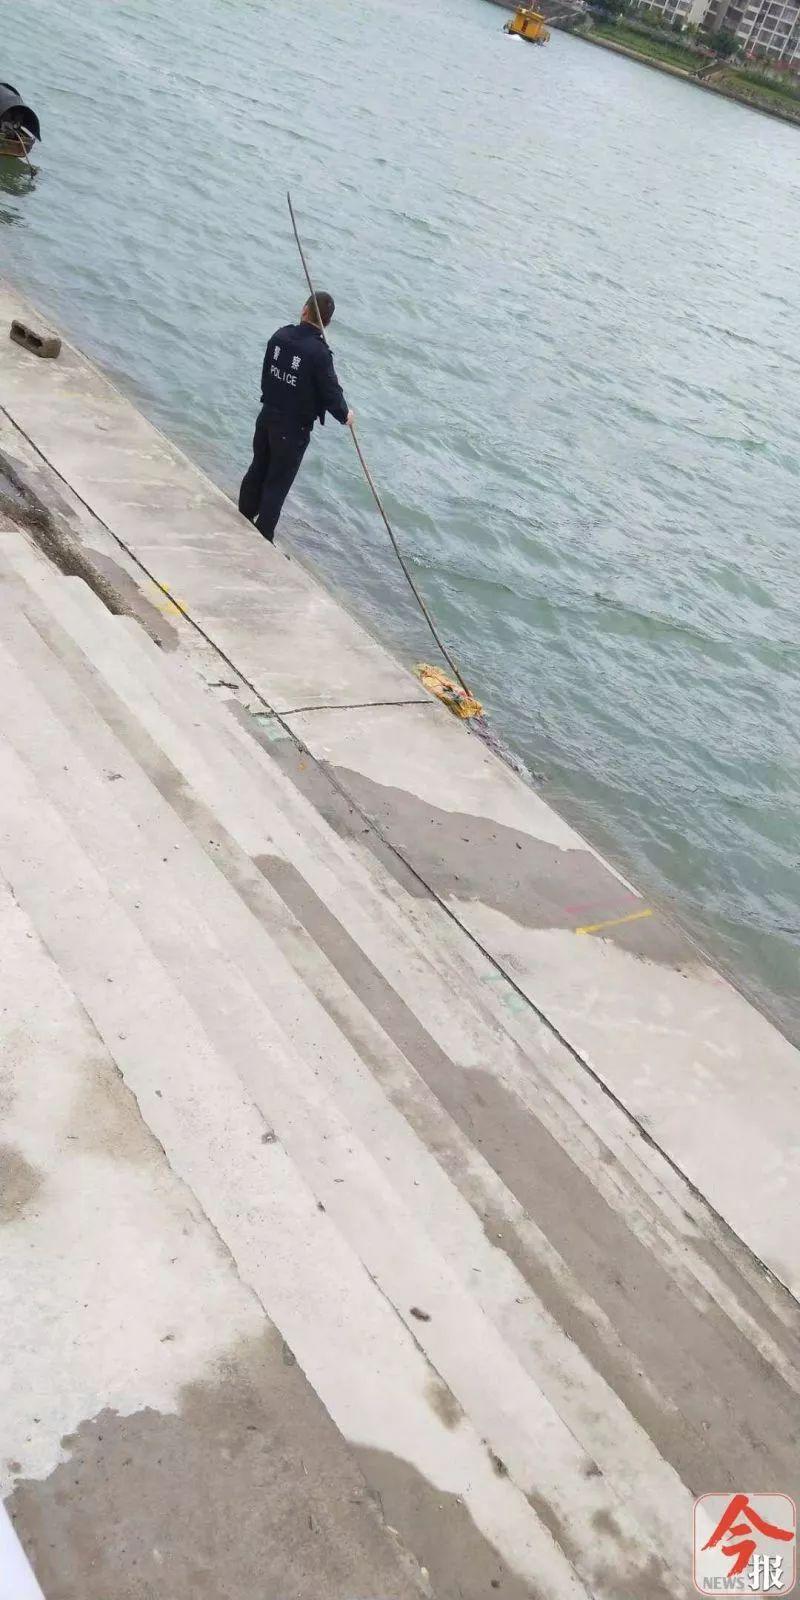 融江河面发现浮尸,尸体疑似被包裹捆扎